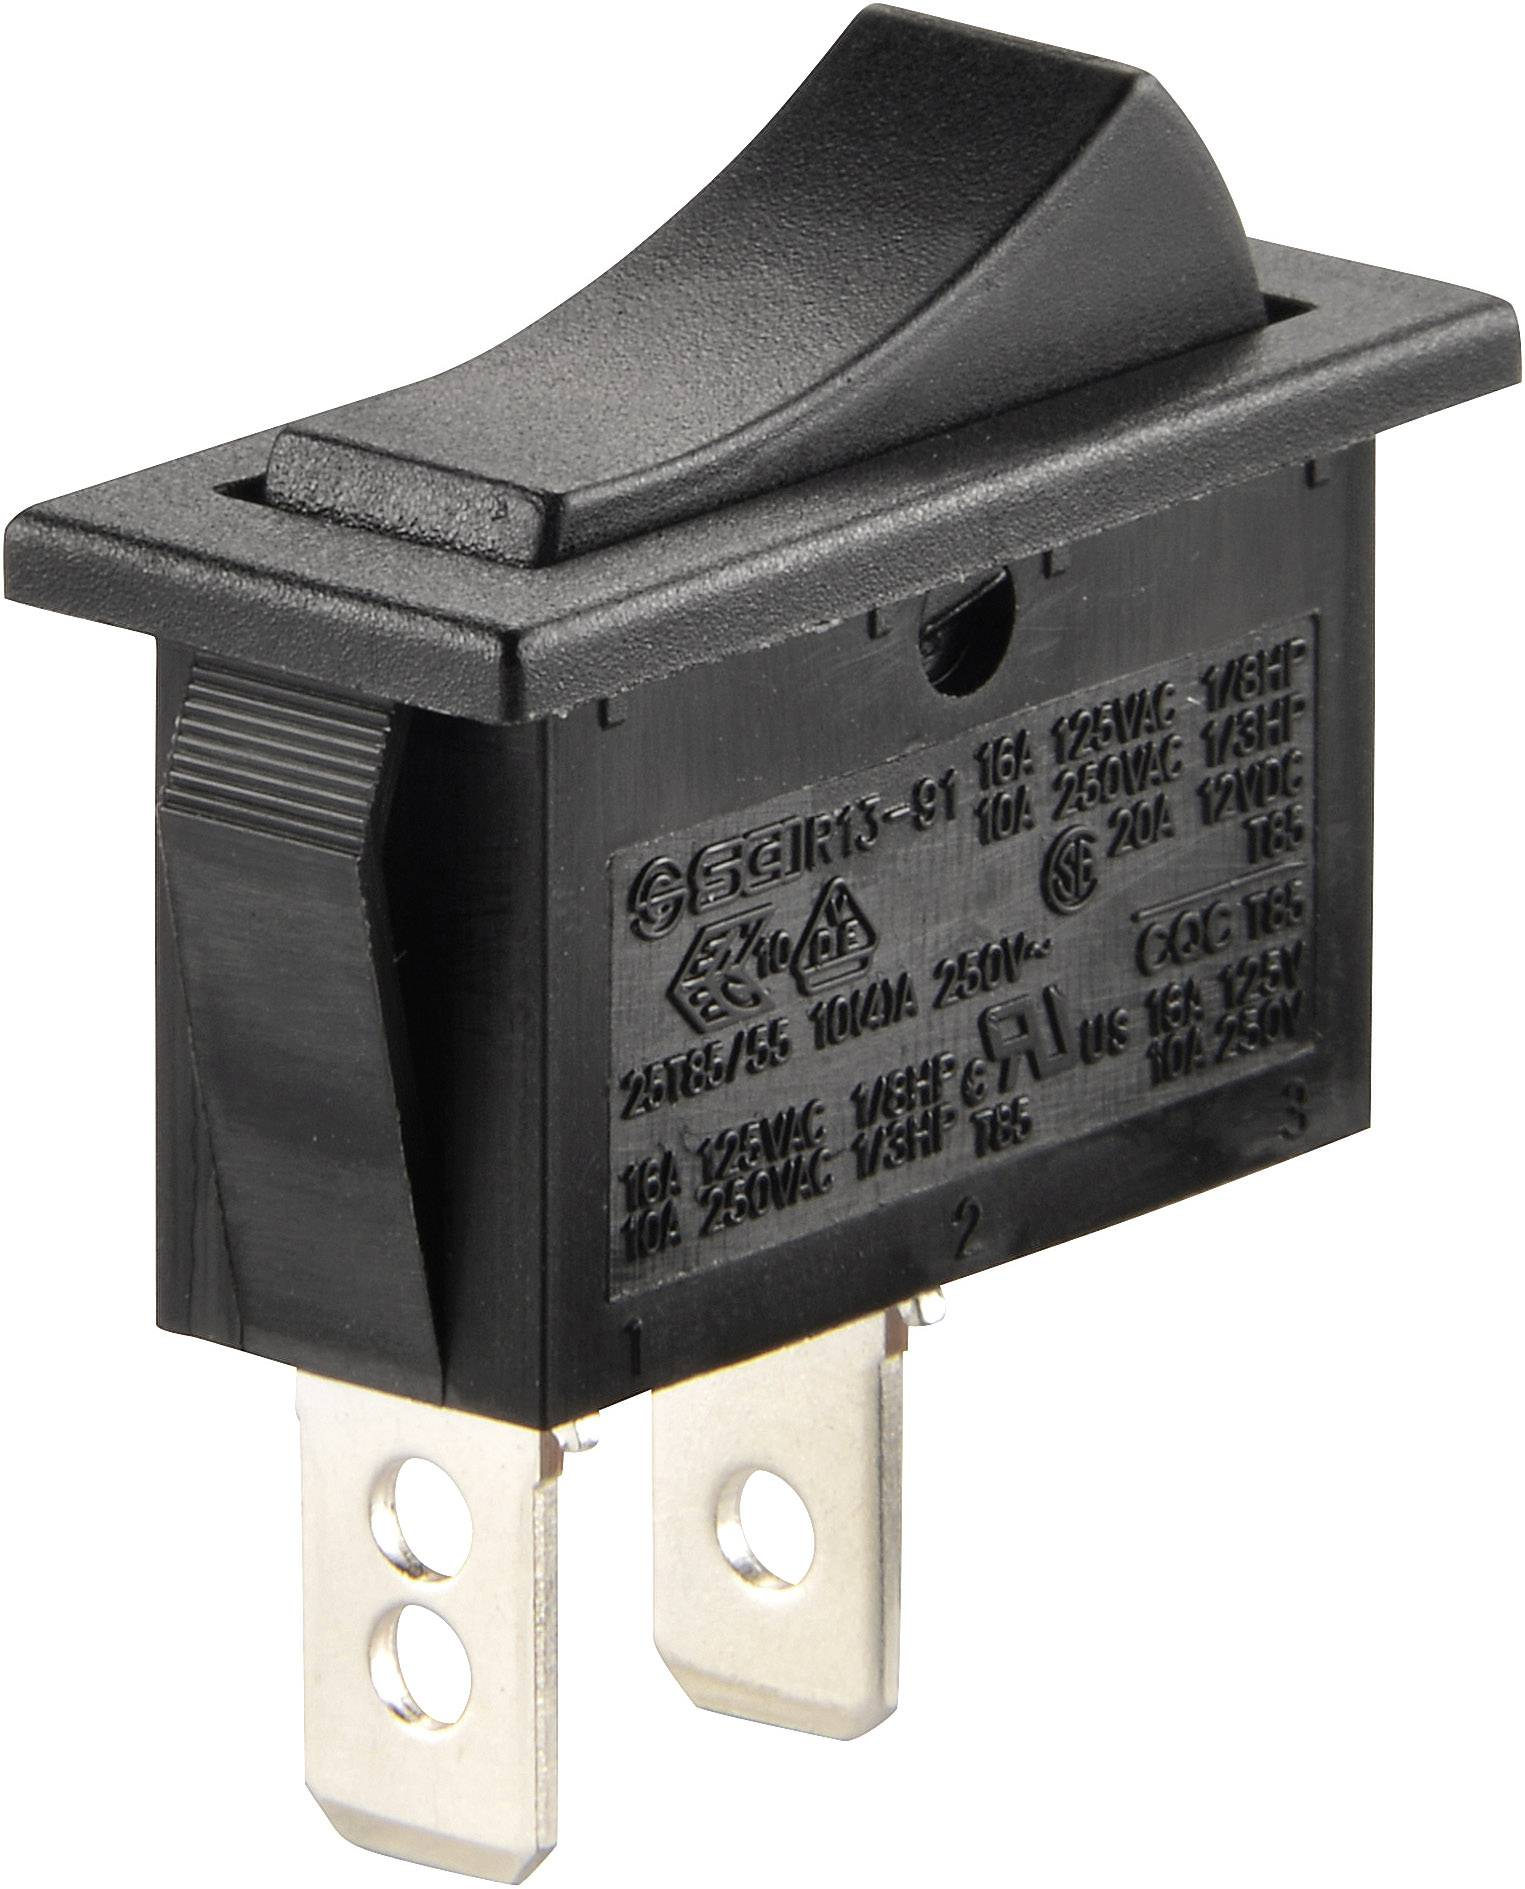 Kolískový spínač SCI R13-91A-01 s aretáciou 250 V/AC, 10 A, 1x vyp/zap, čierna, 1 ks